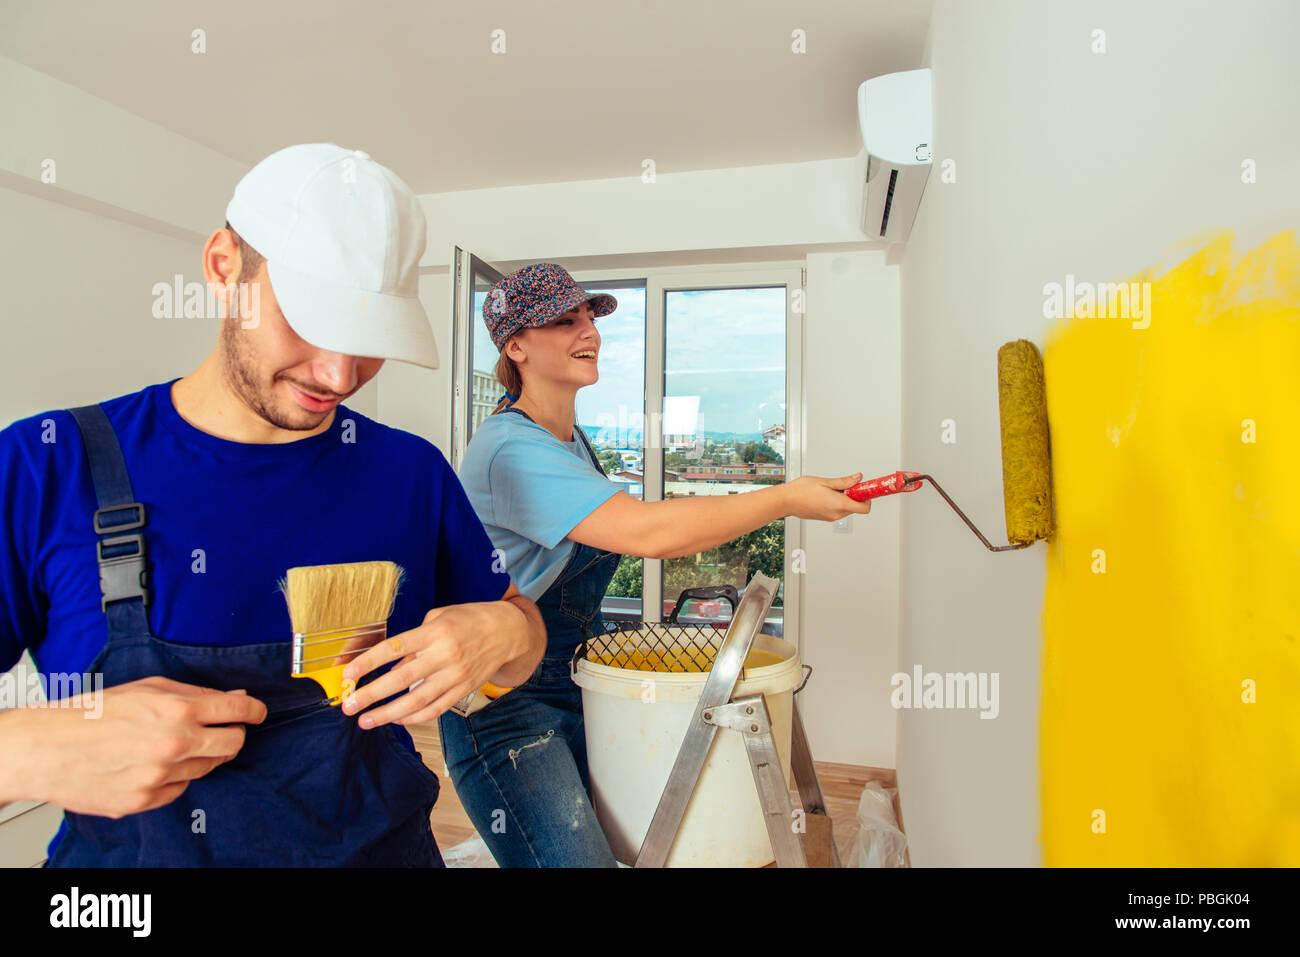 Paar Trägt Blaue Overalls Malerei Ihre Wohnzimmer In Der Farbe Gelb